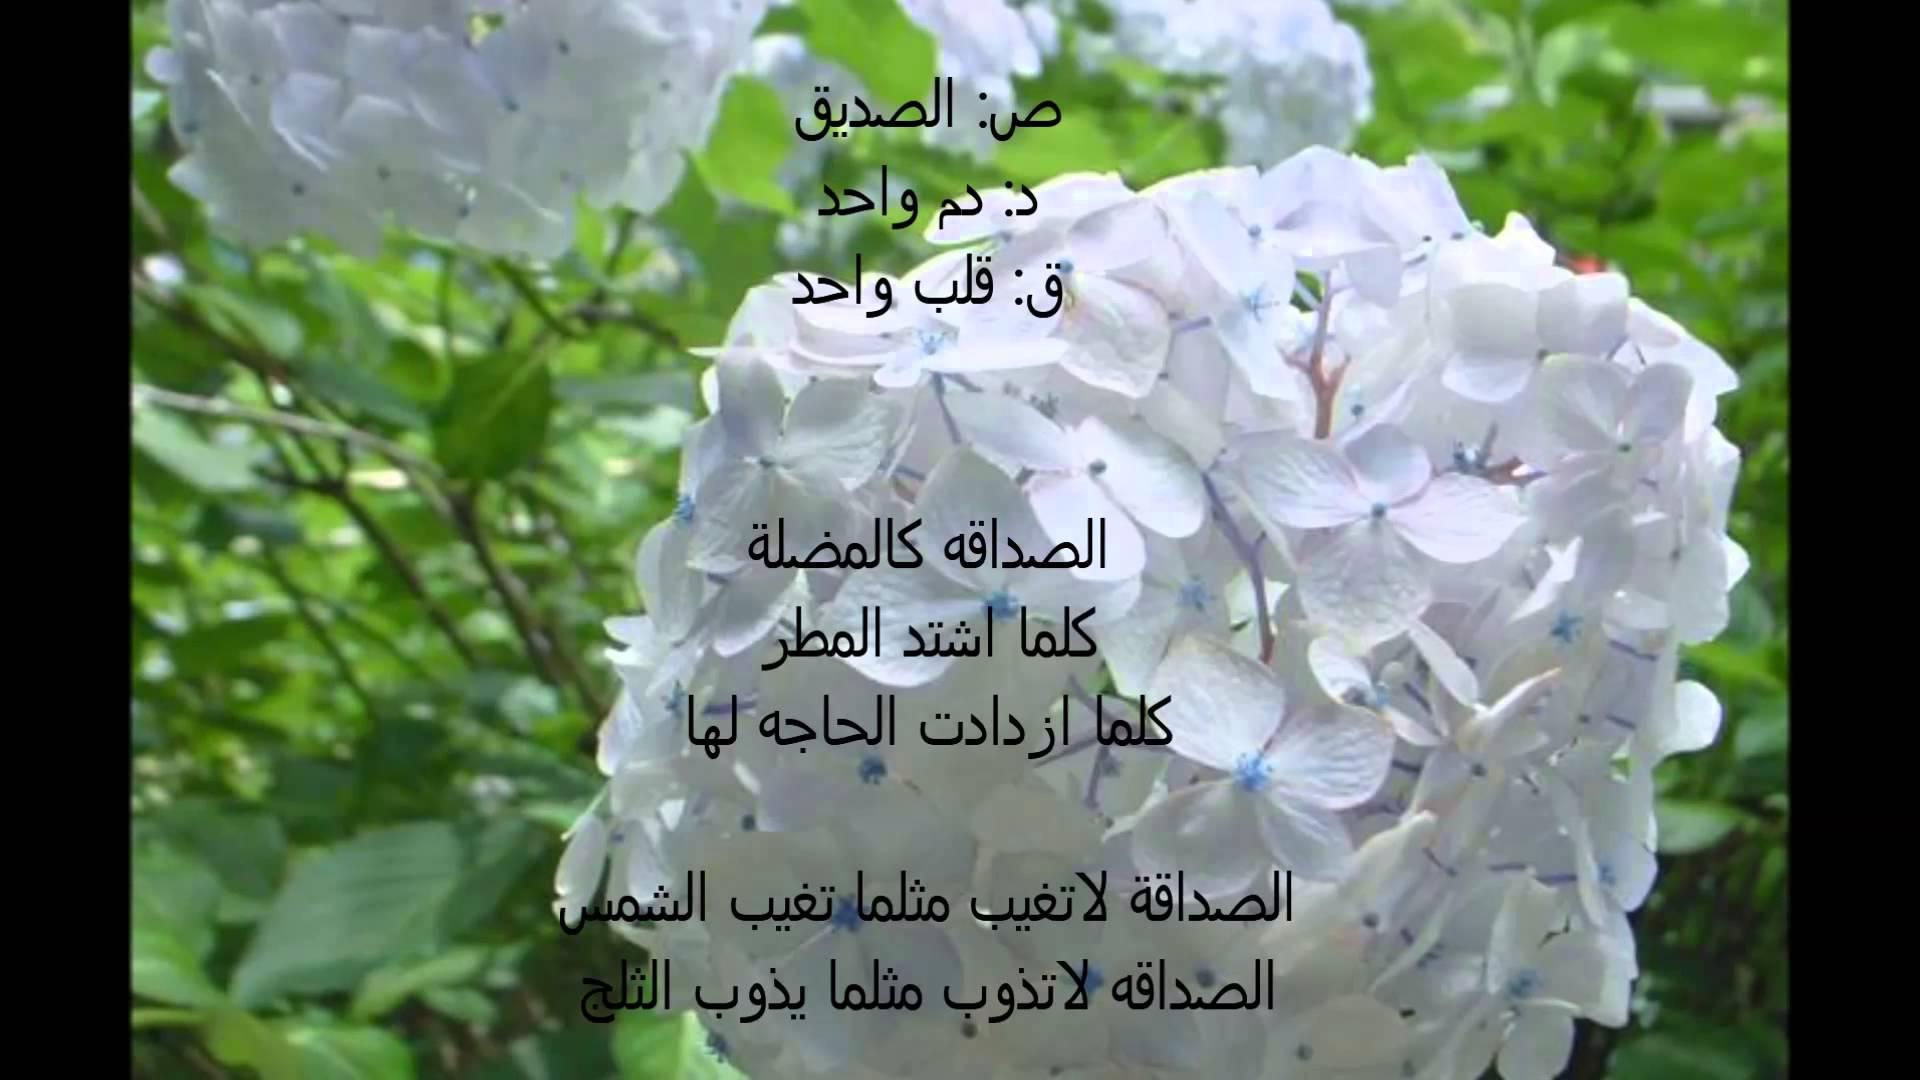 بالصور اجمل ماقيل في الصداقه , صور اجمل الكلامات عن الصداقه 4055 2